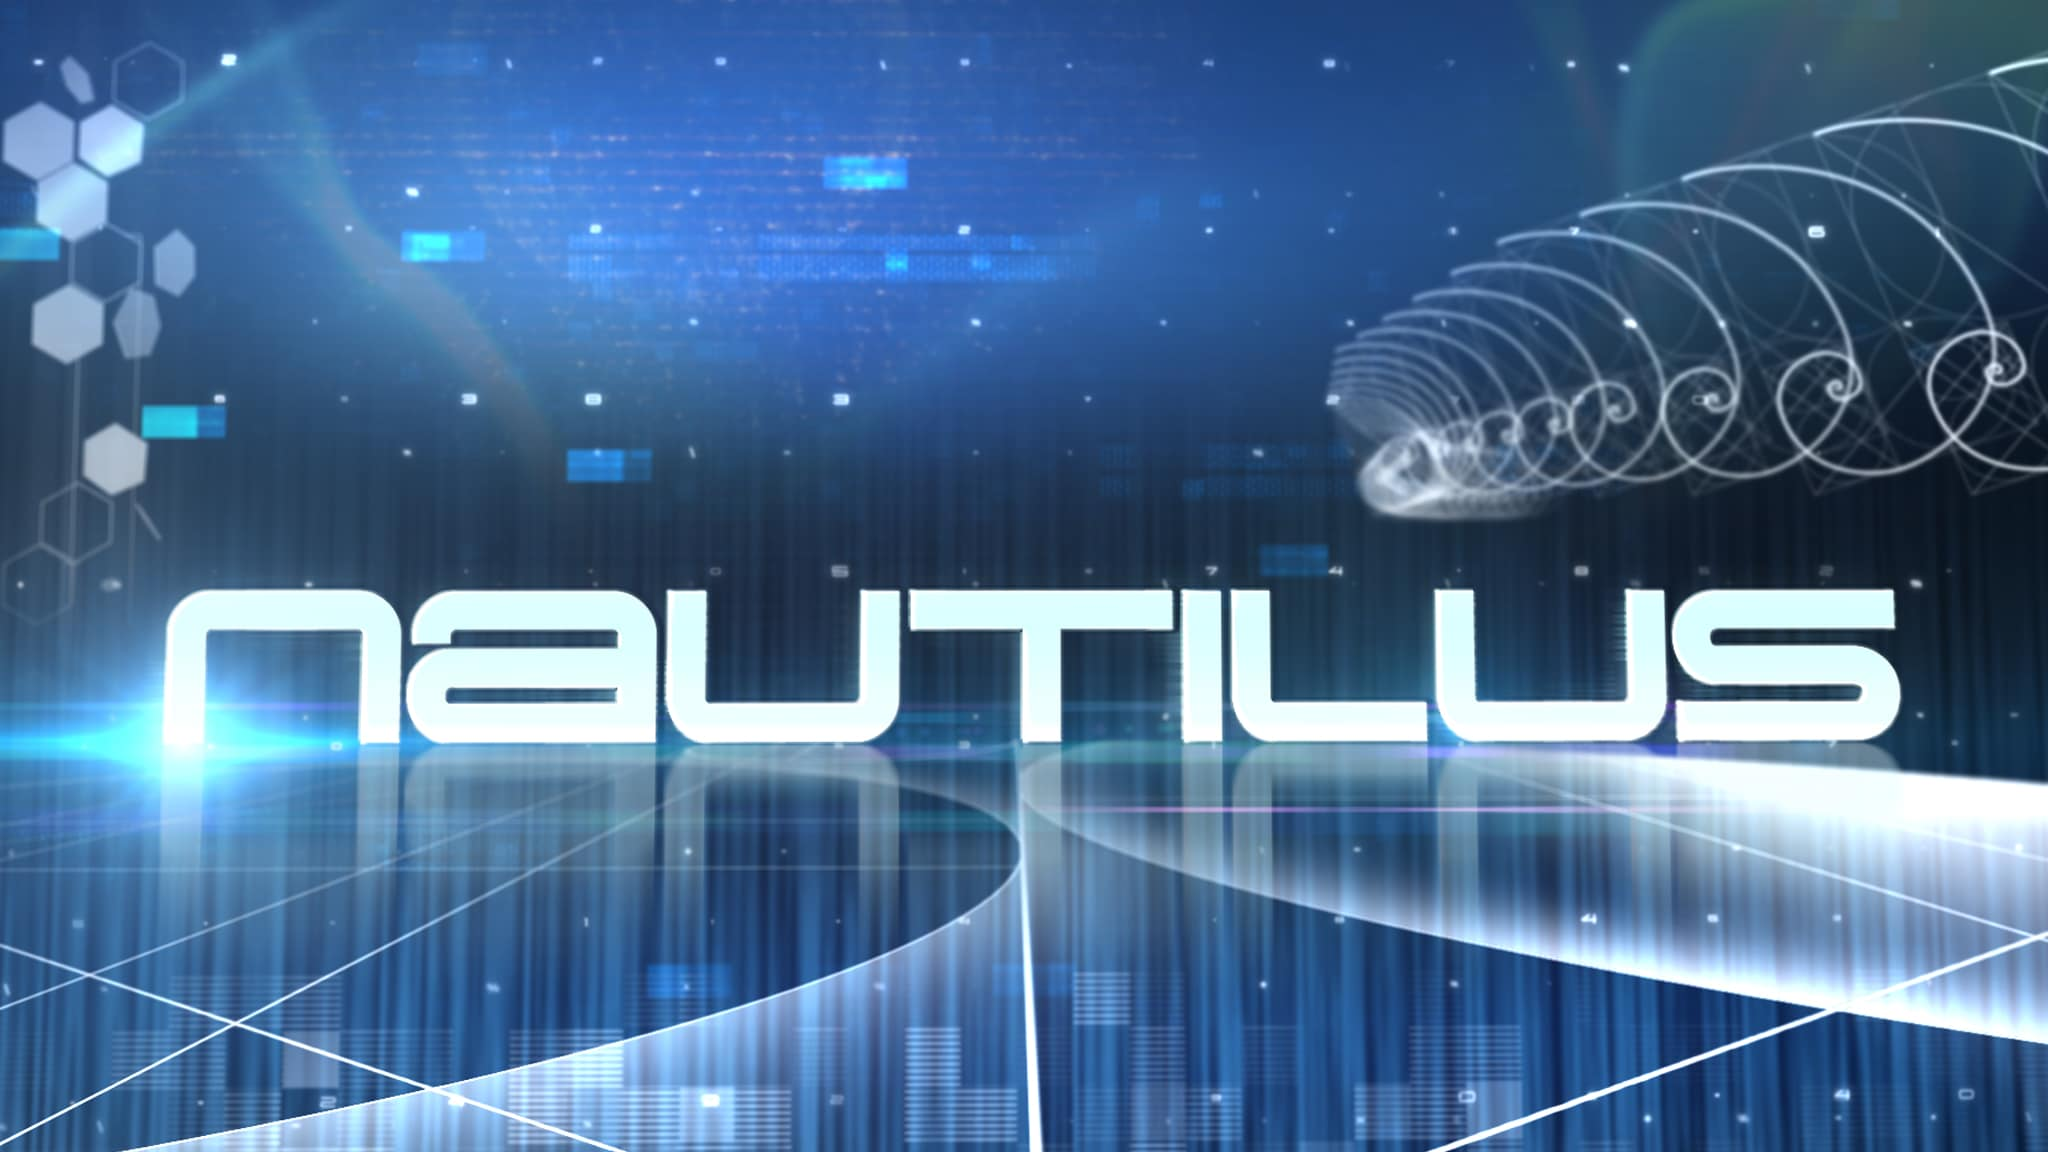 Rai Scuola Memex Nautilus - A destra nella Tavola, i Semimetalli e i Metalli di Transizione